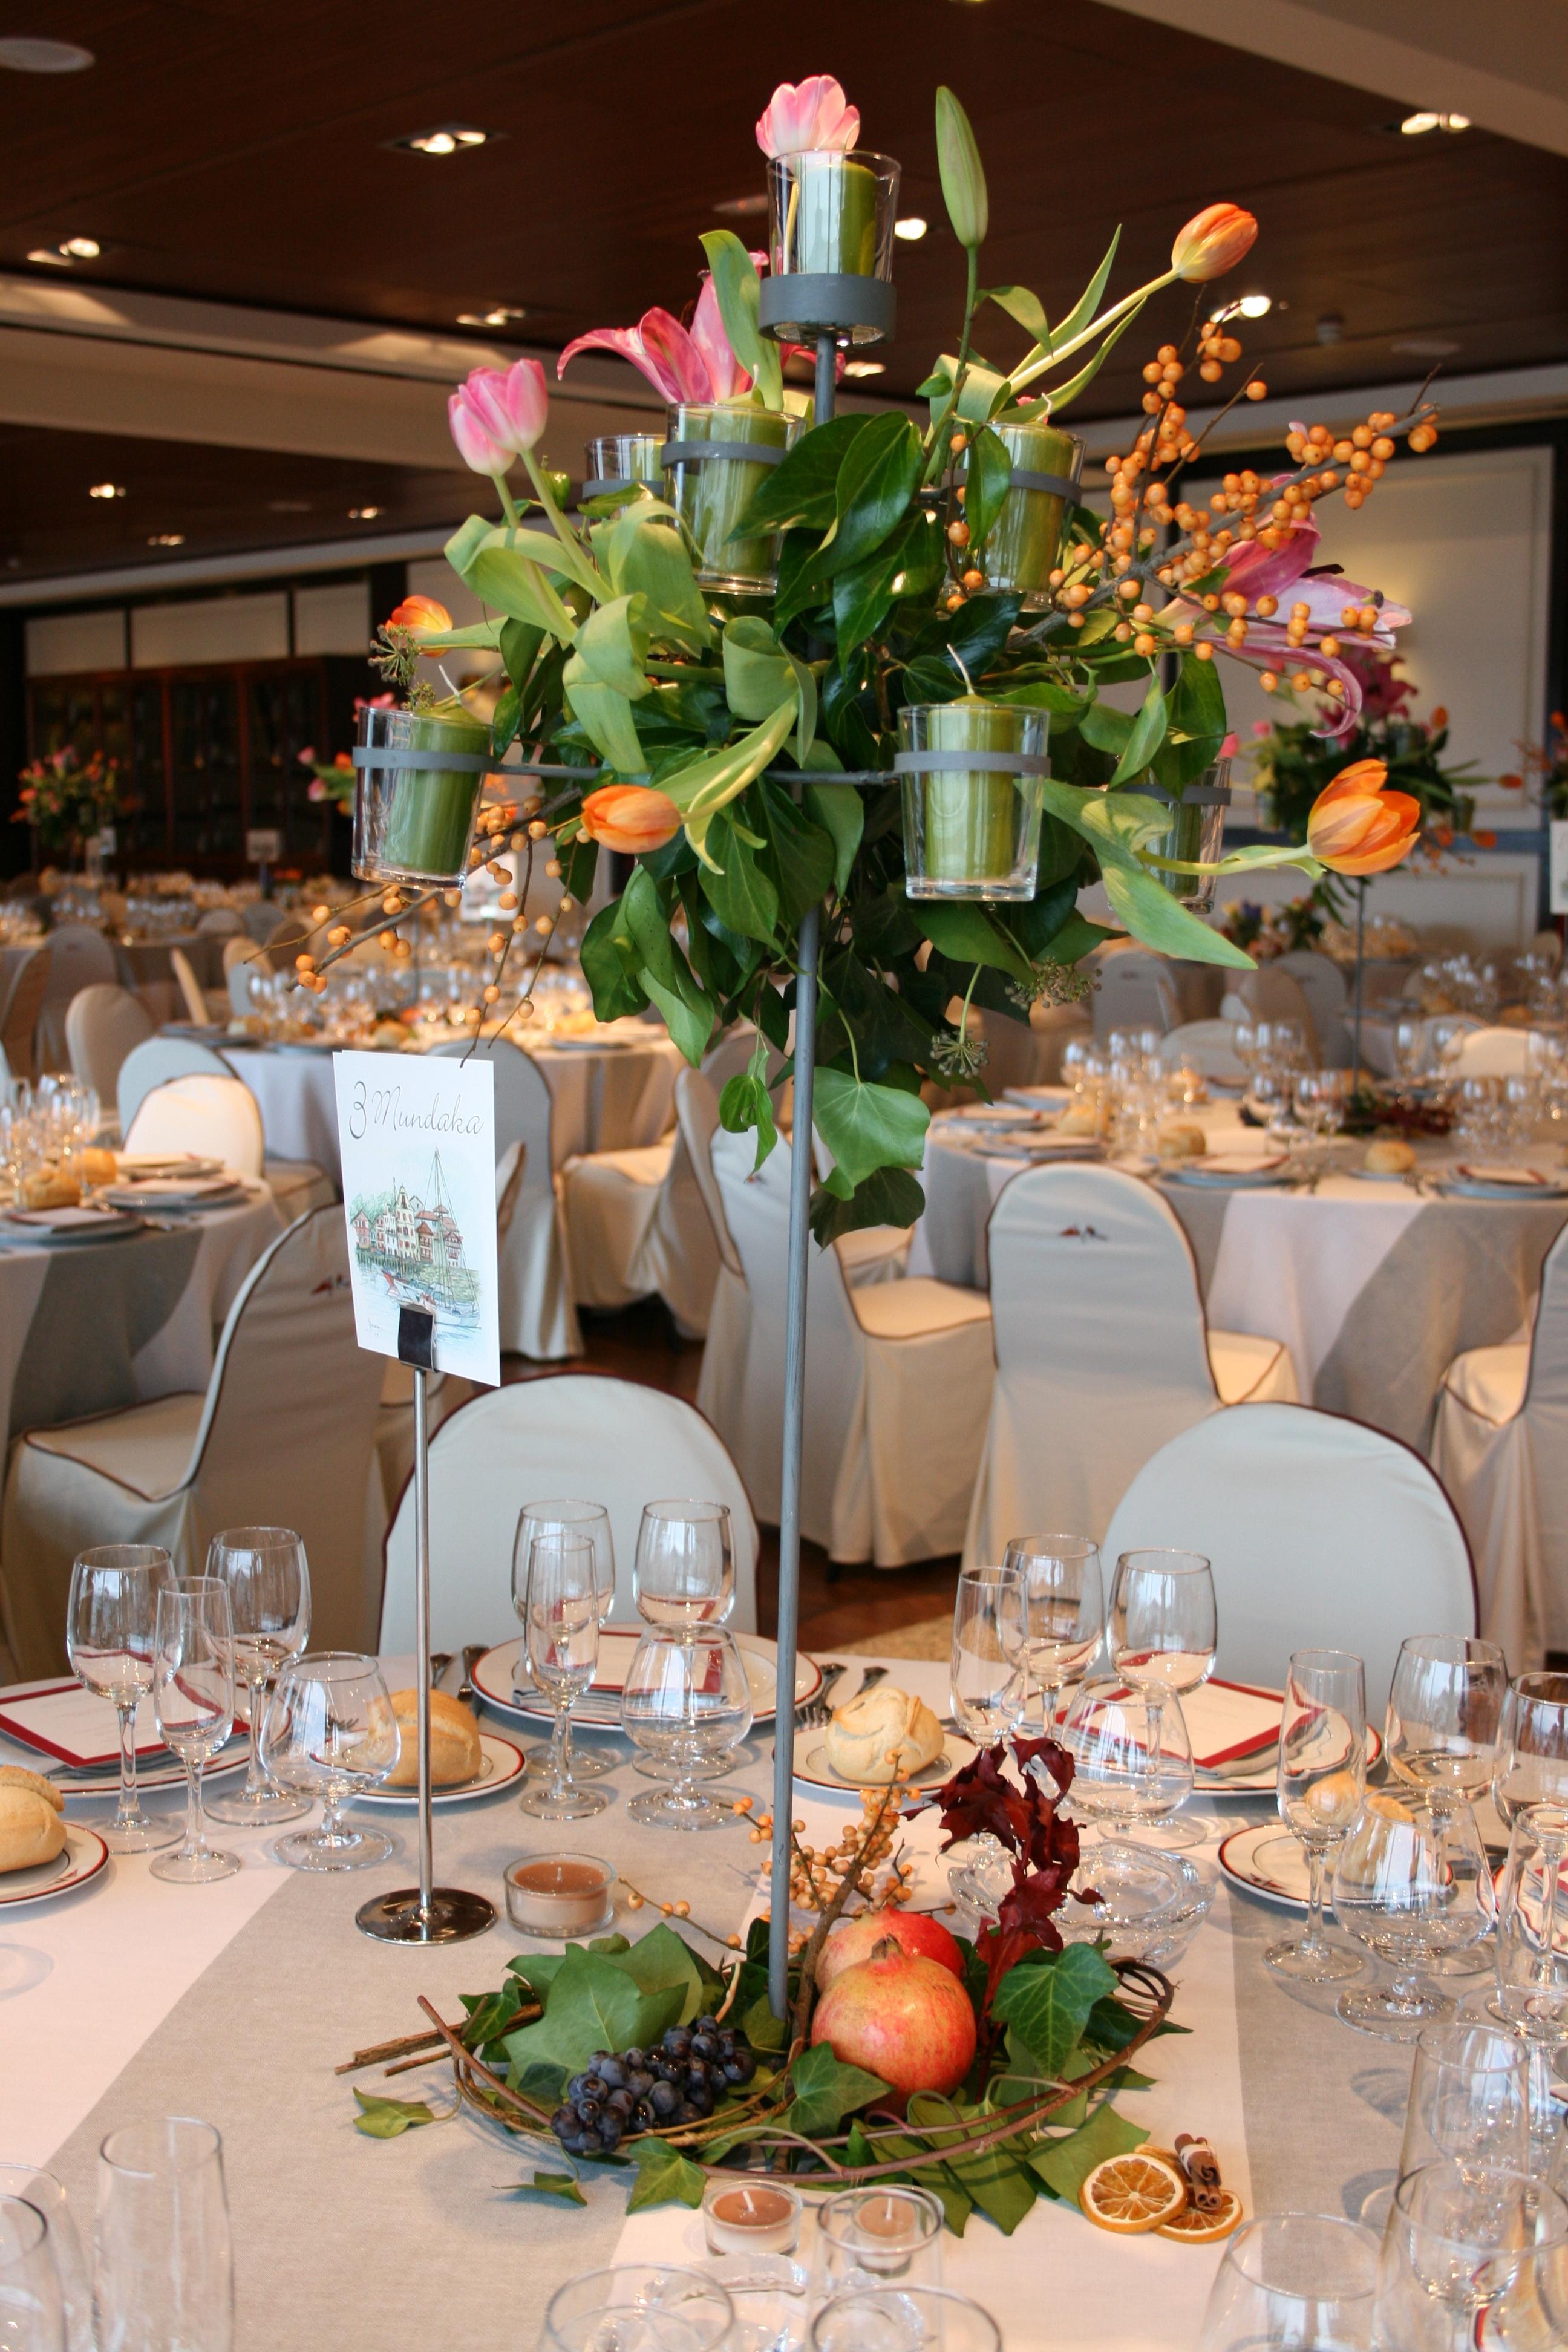 Boda el blog de fiore - Cristales para mesa ...